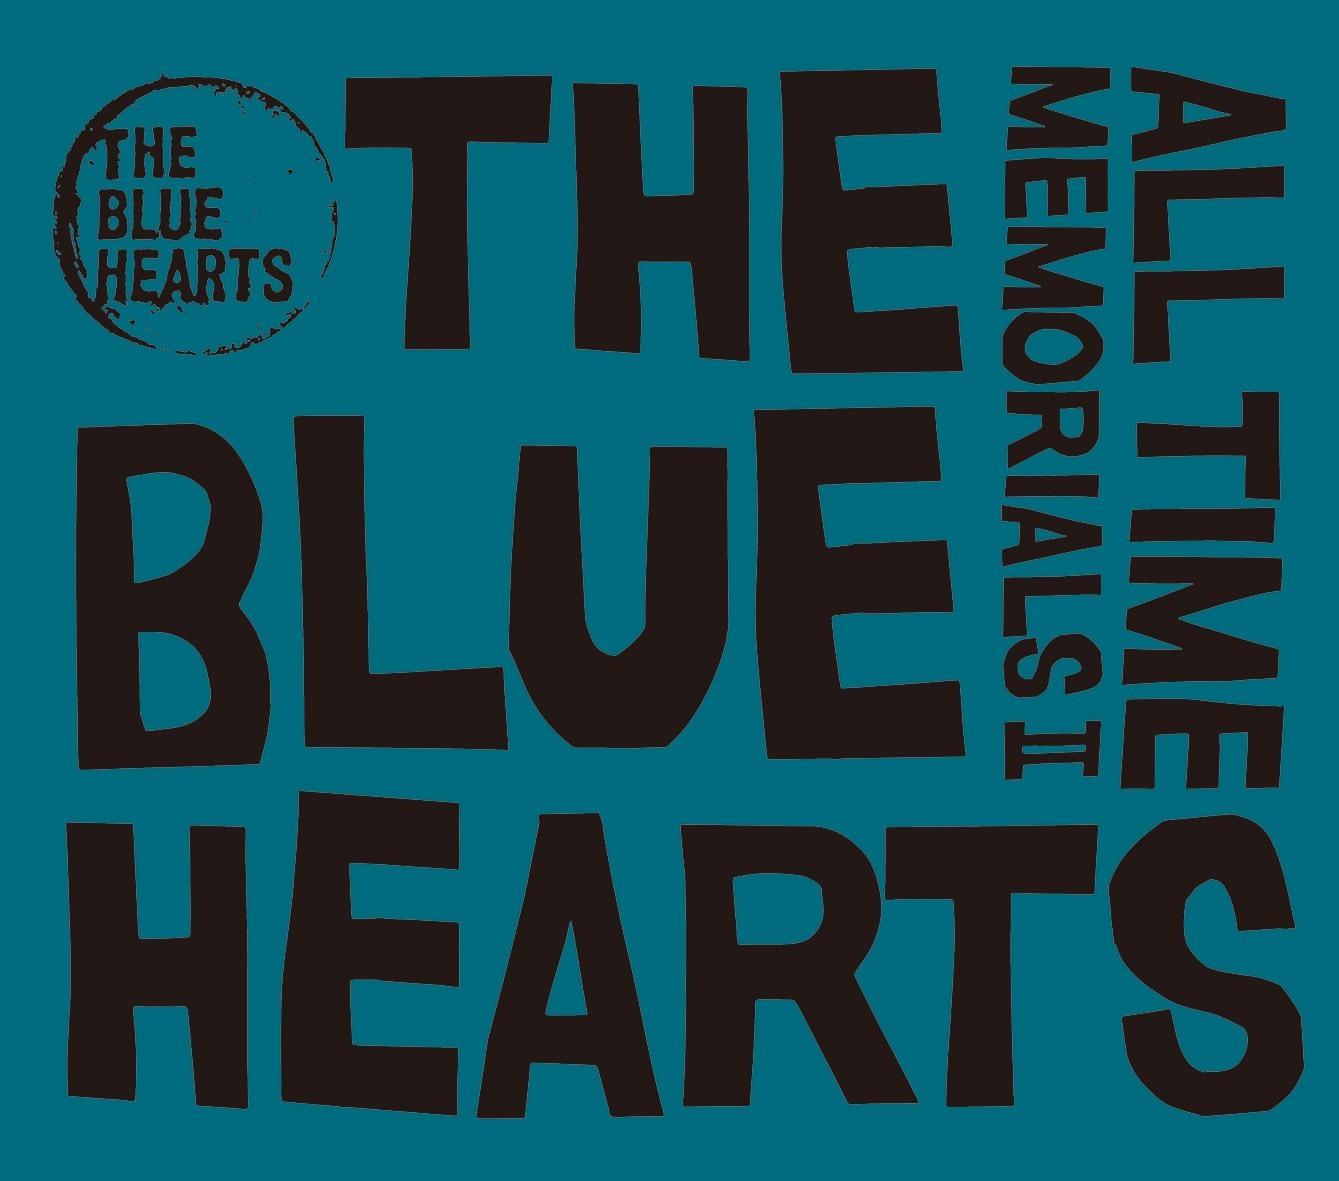 ザ・ブルーハーツ、結成35周年を記念ベストアルバム『ALL TIME MEMORIALS II』のジャケット写真解禁サムネイル画像